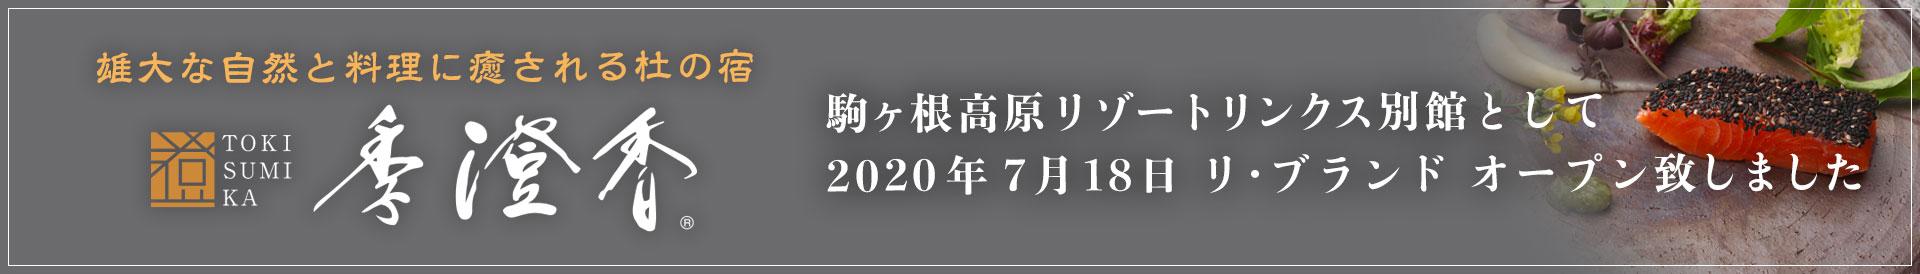 別館季澄香 2020.7.18 リ・ブランドオープン